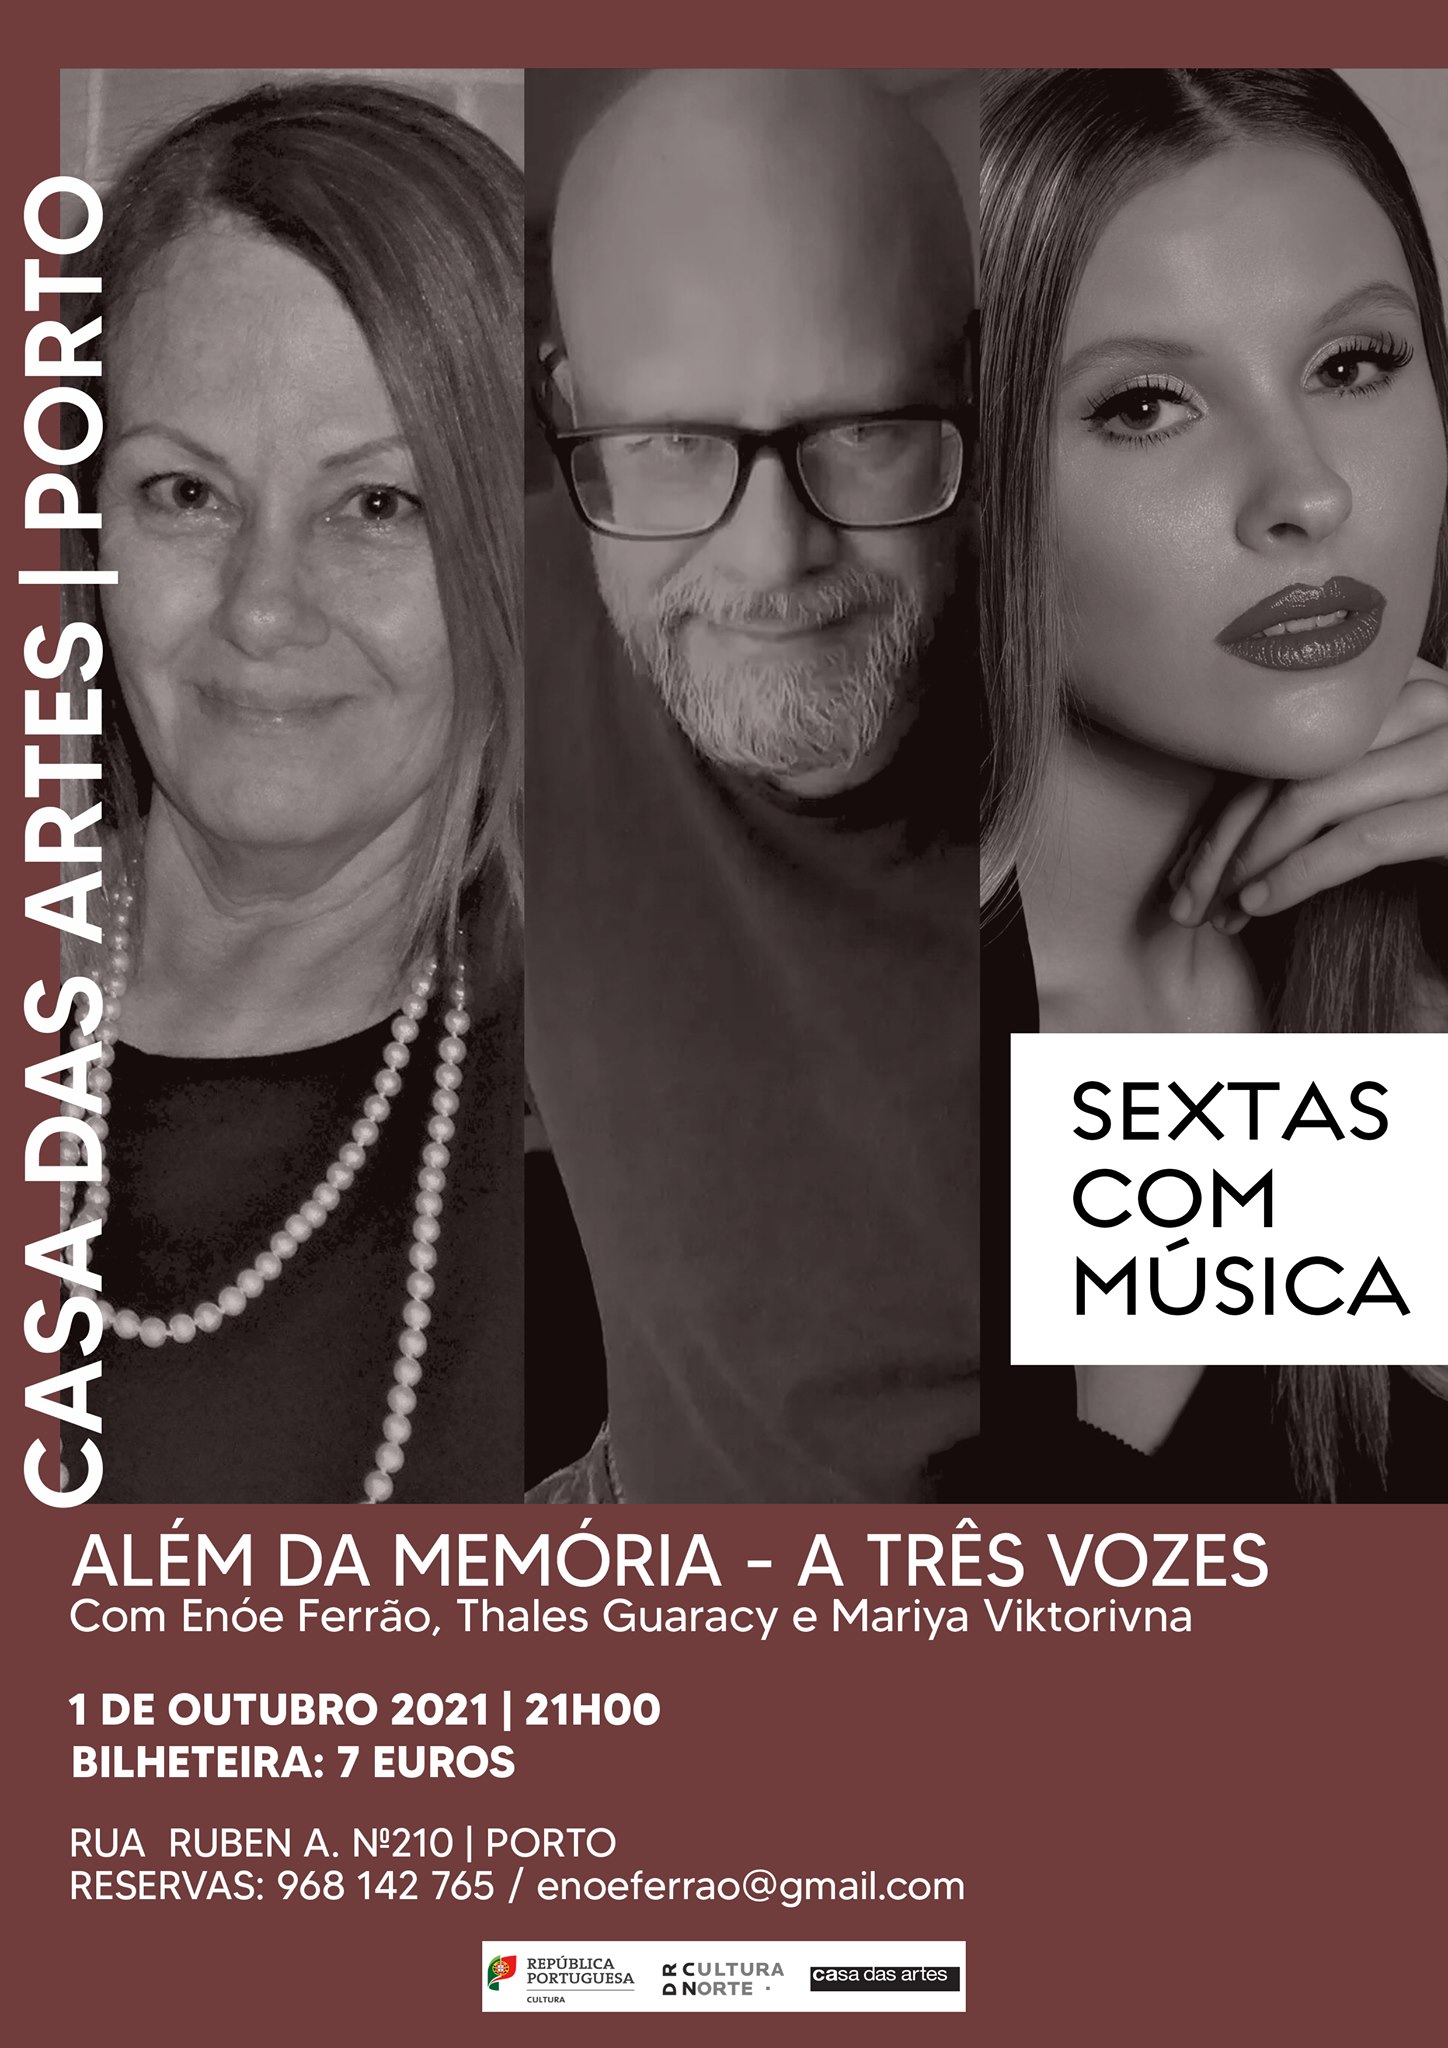 Concerto - ALÉM DA MEMÓRIA - A TRÊS VOZES